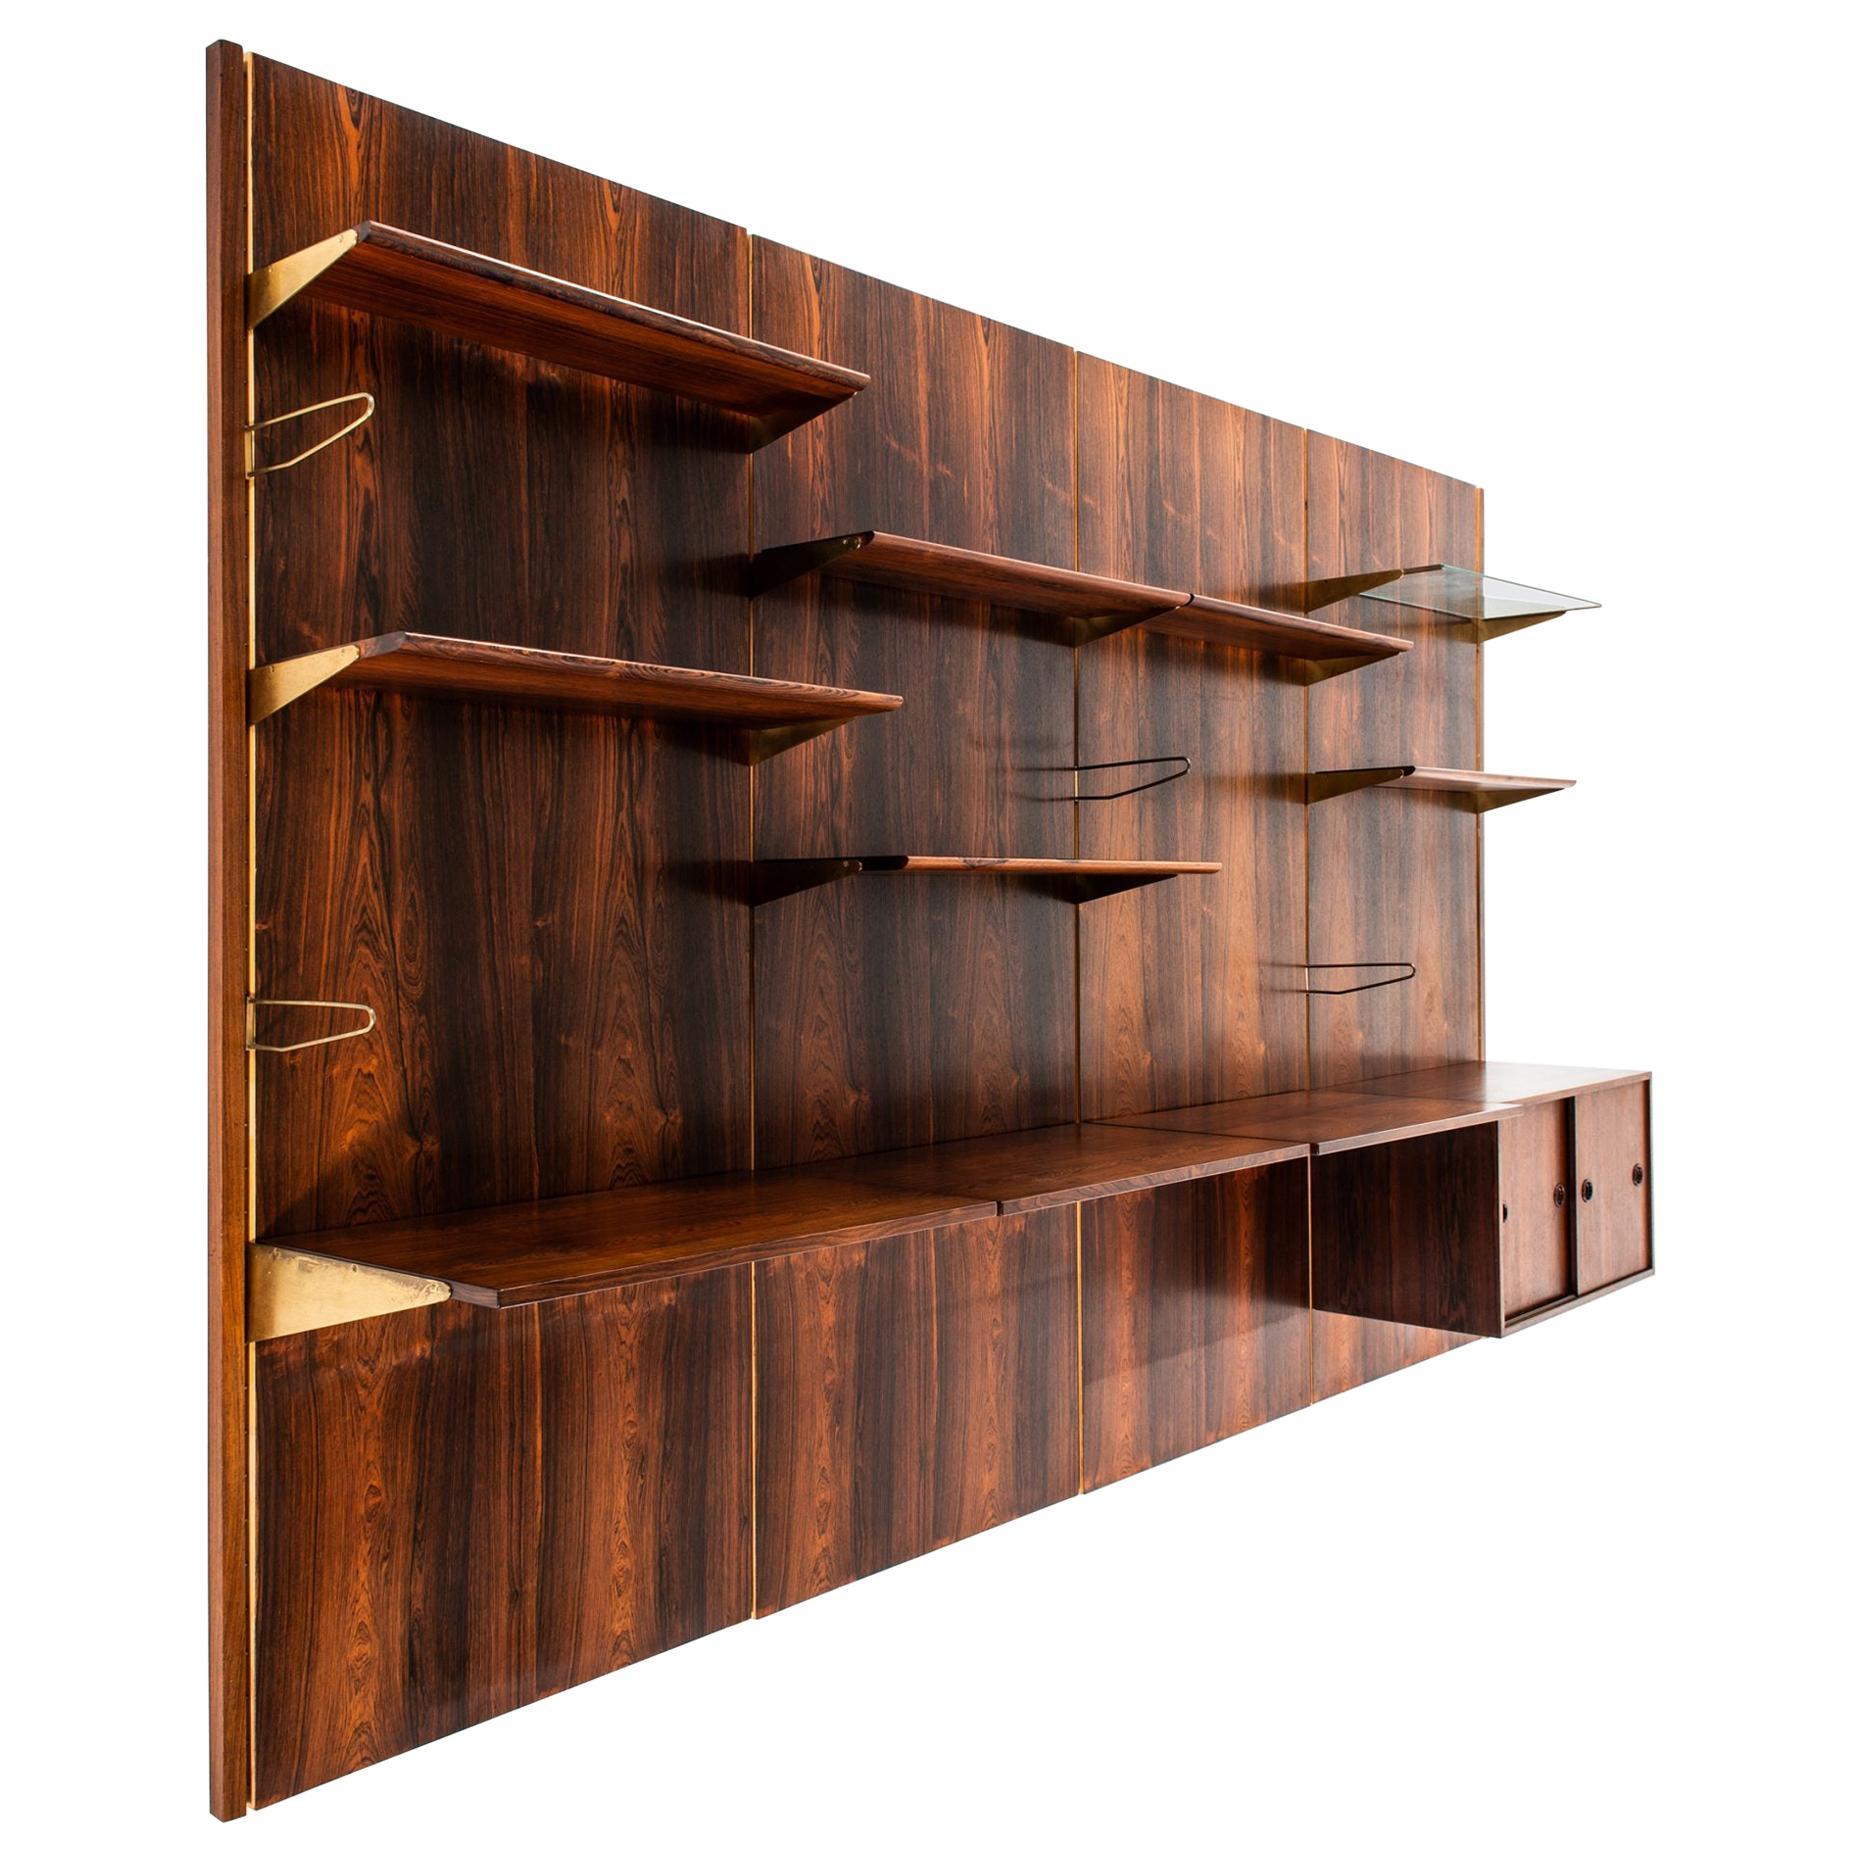 Finn Juhl Bookcase Produced by Bovirke in Denmark